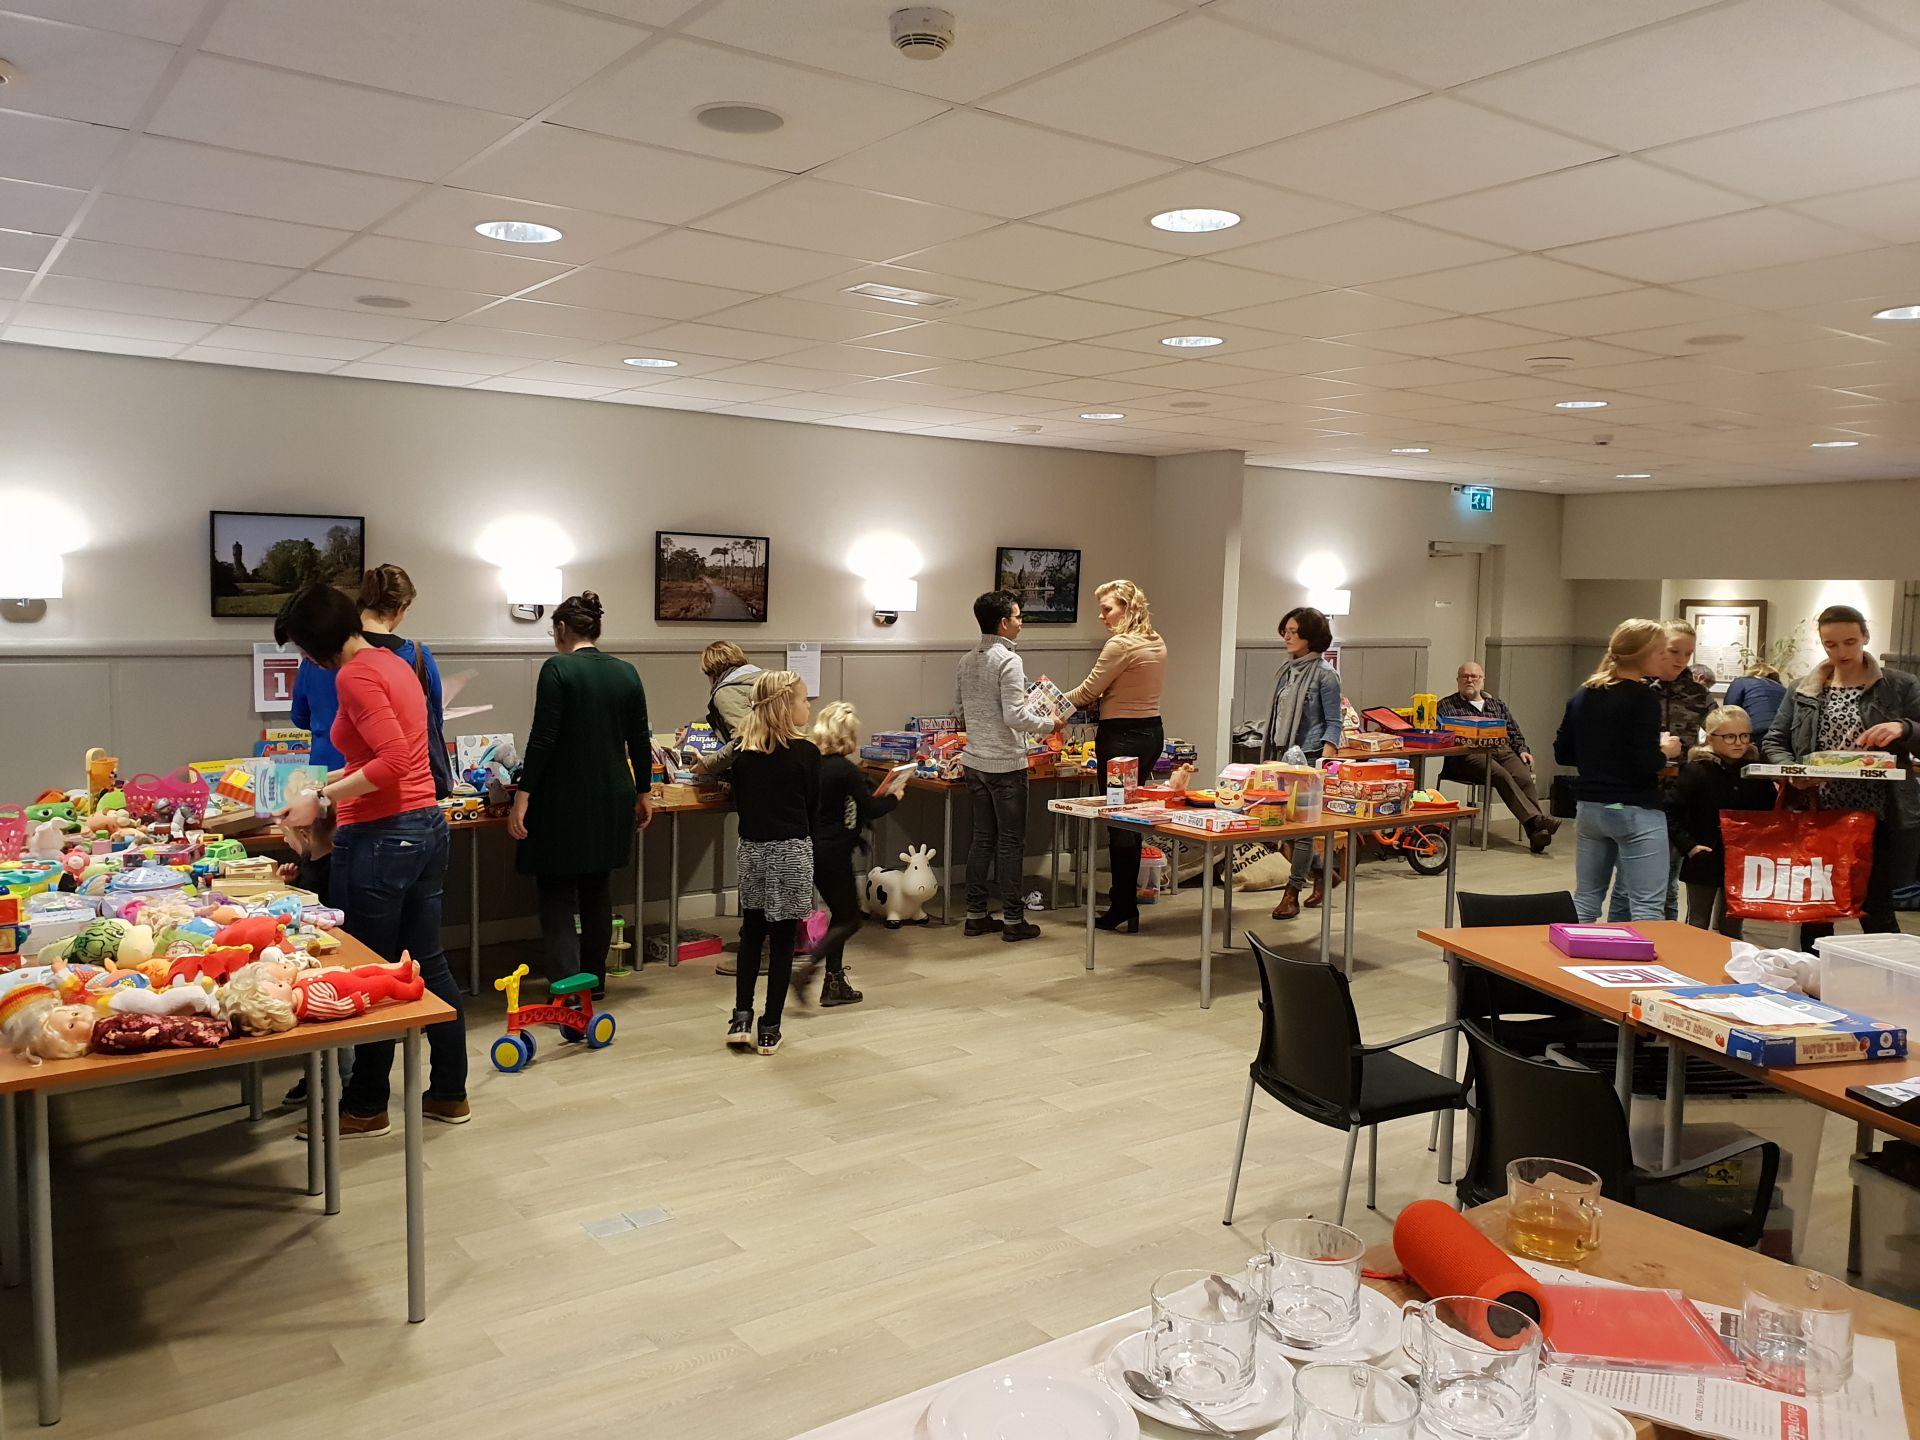 Video update: Eerste Recycle Sint speelgoed ruilbeurs in Delden groot succes